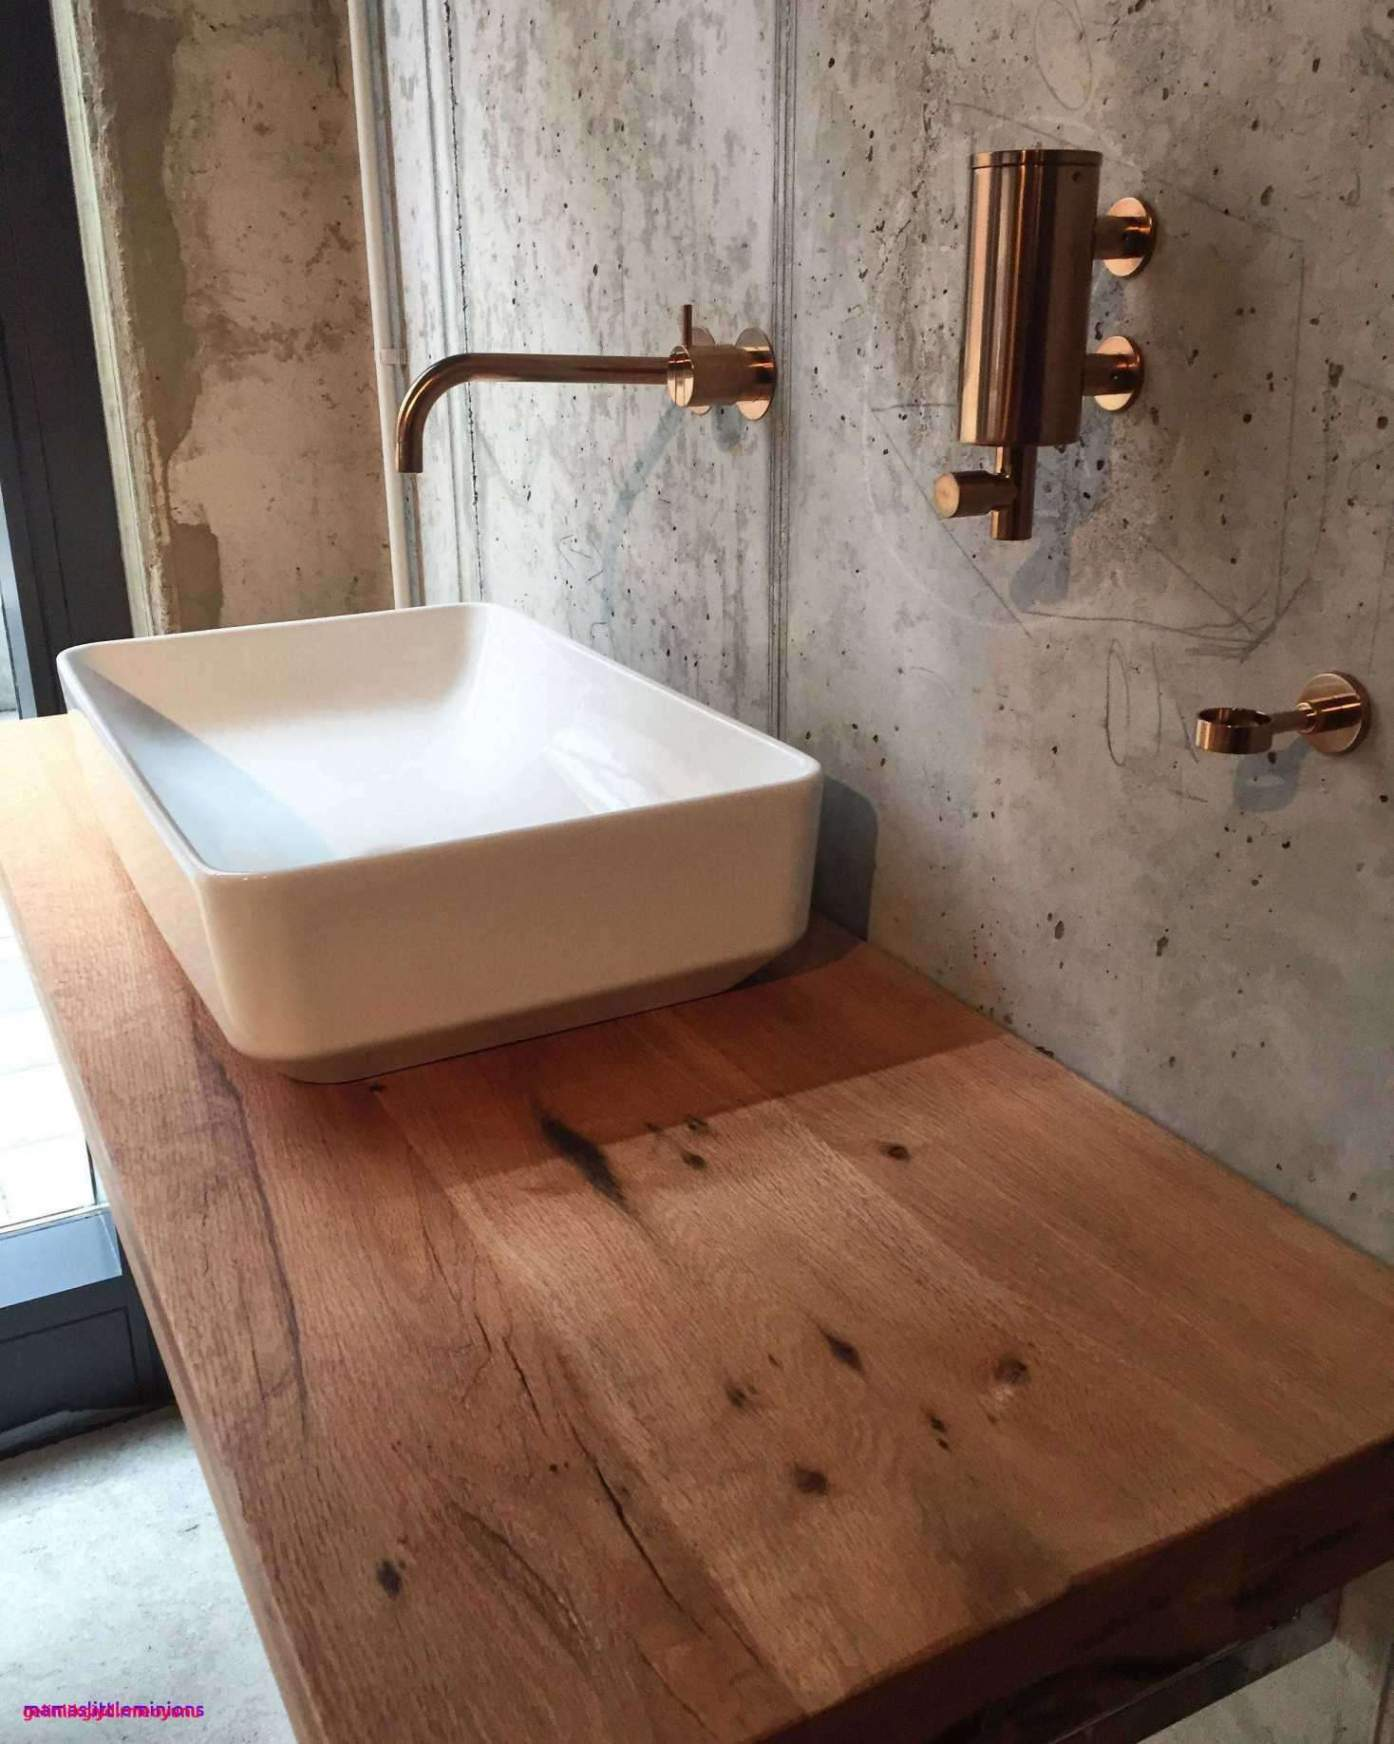 garten wc selber bauen luxus toilette mit waschbecken temobardz home blog of garten wc selber bauen